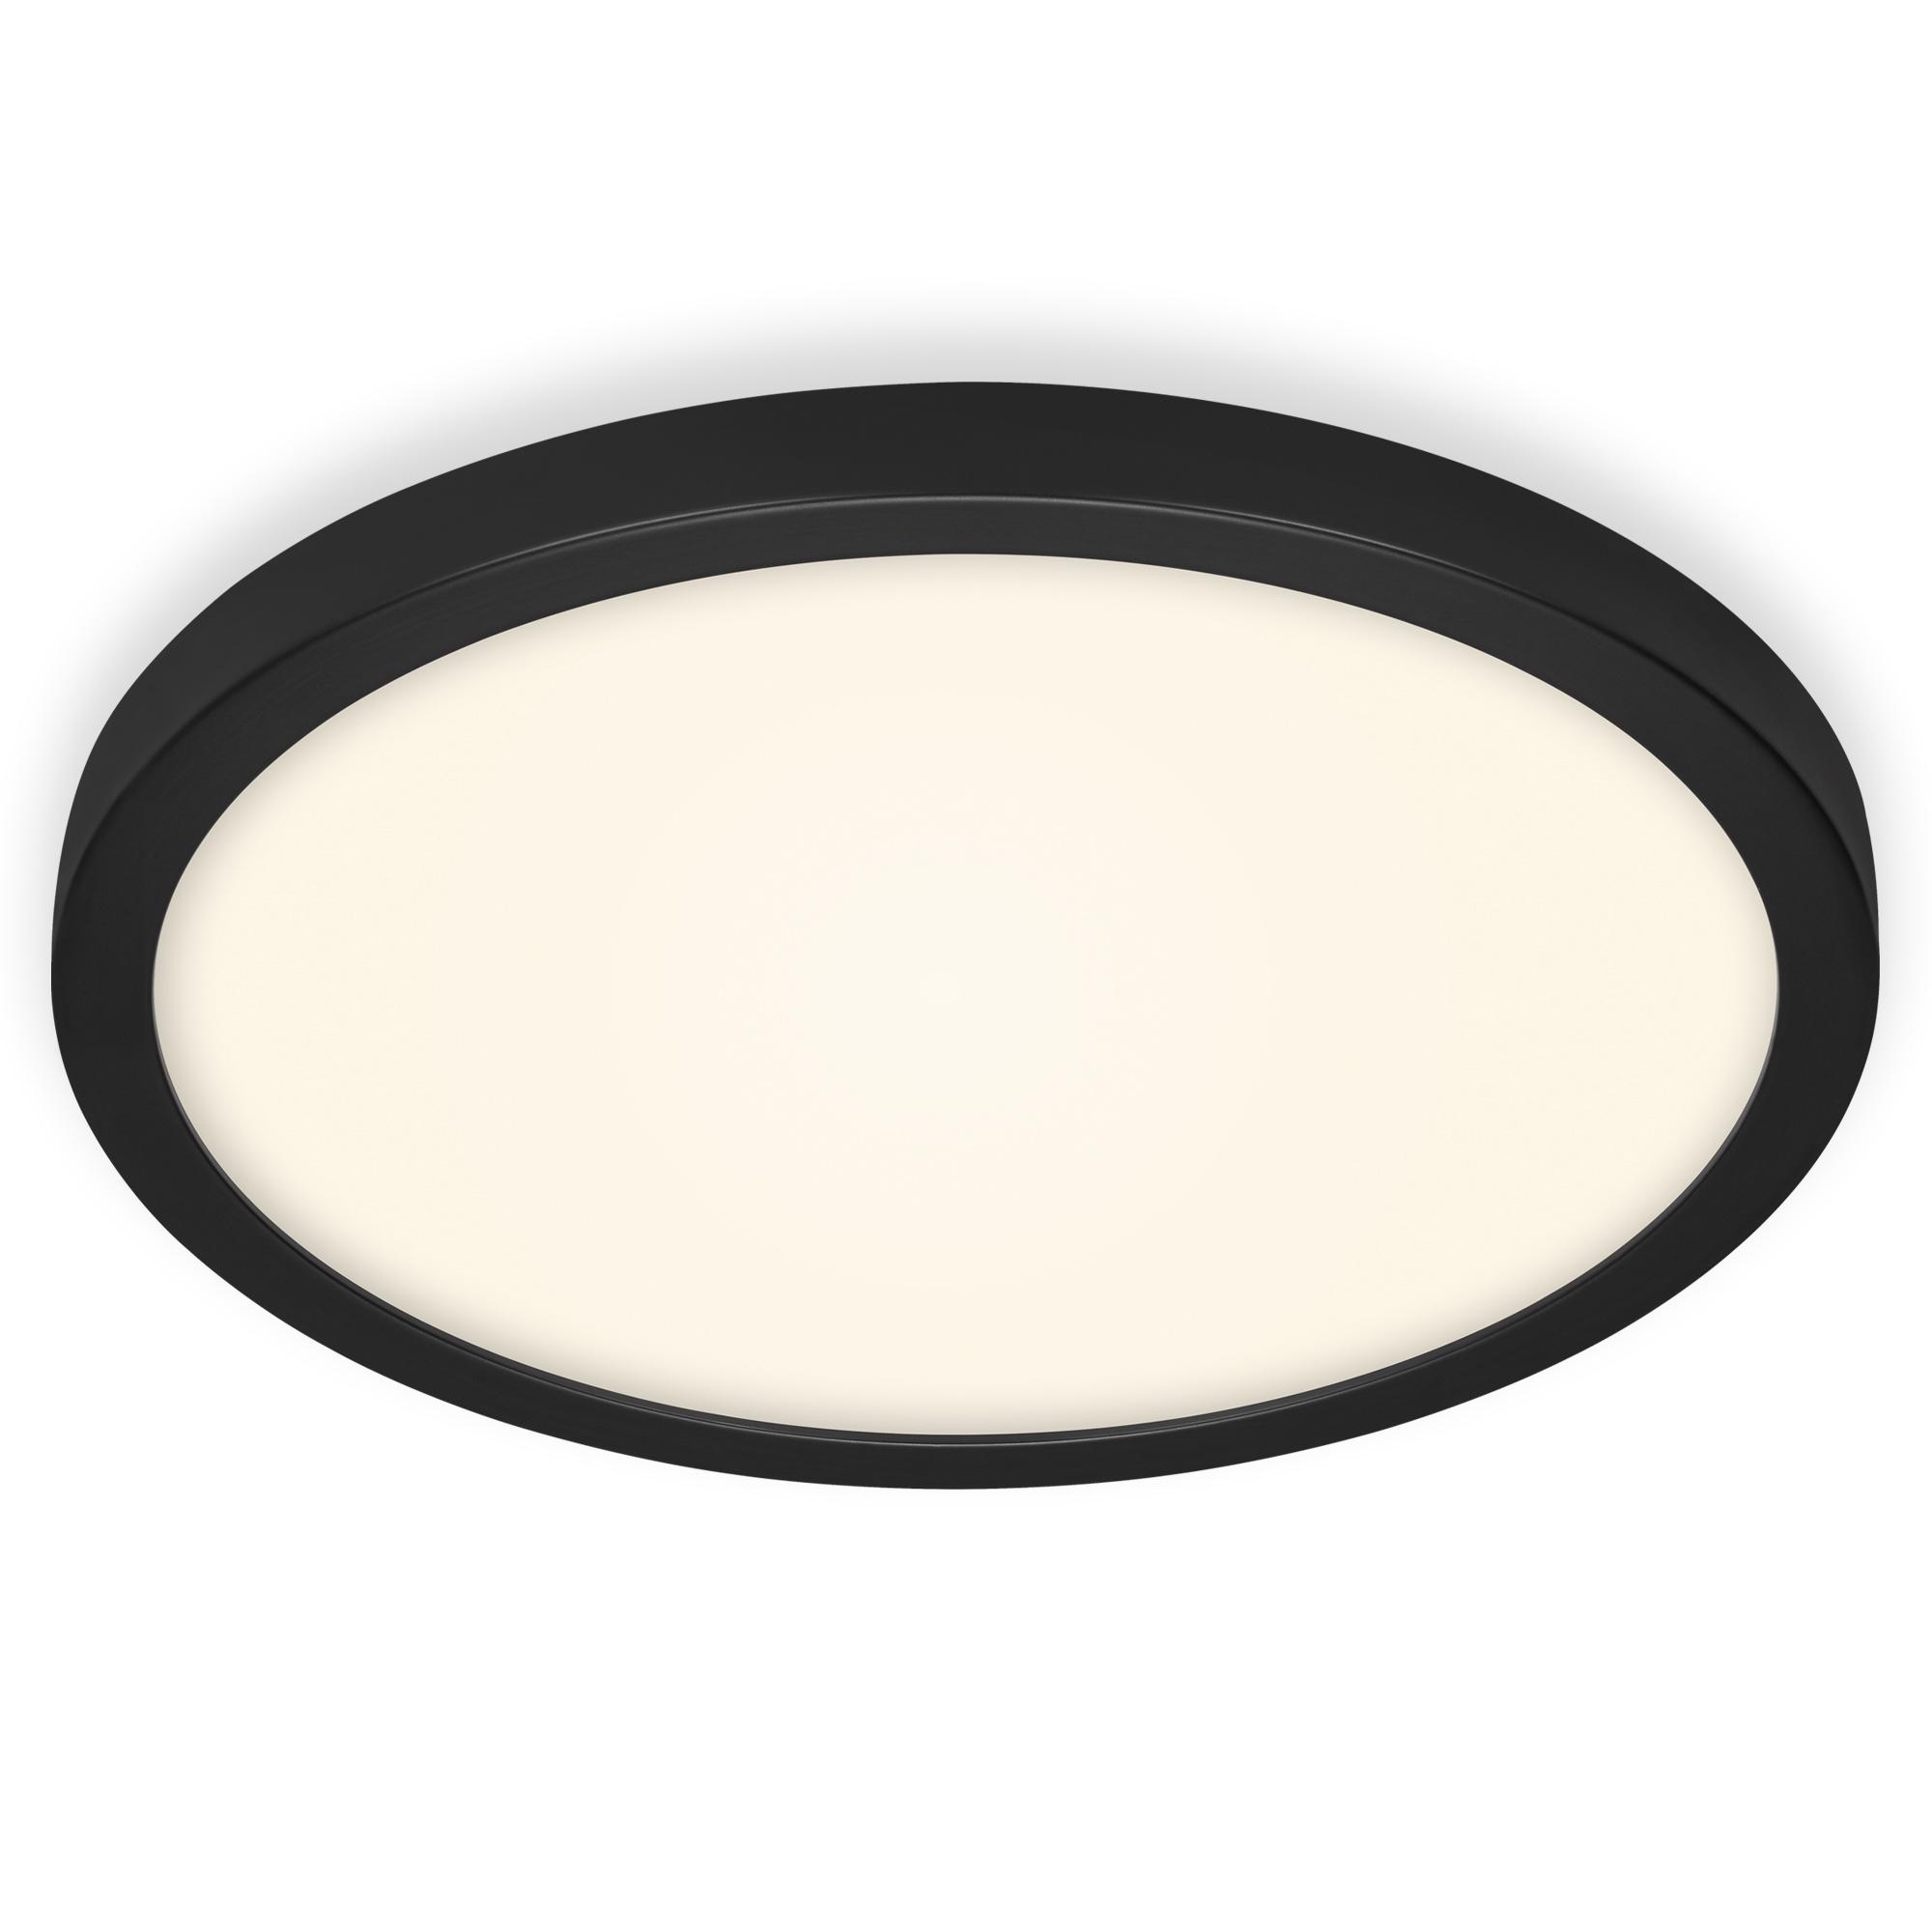 LED Deckenleuchte, Ø 40,5 cm, 25 W, Schwarz